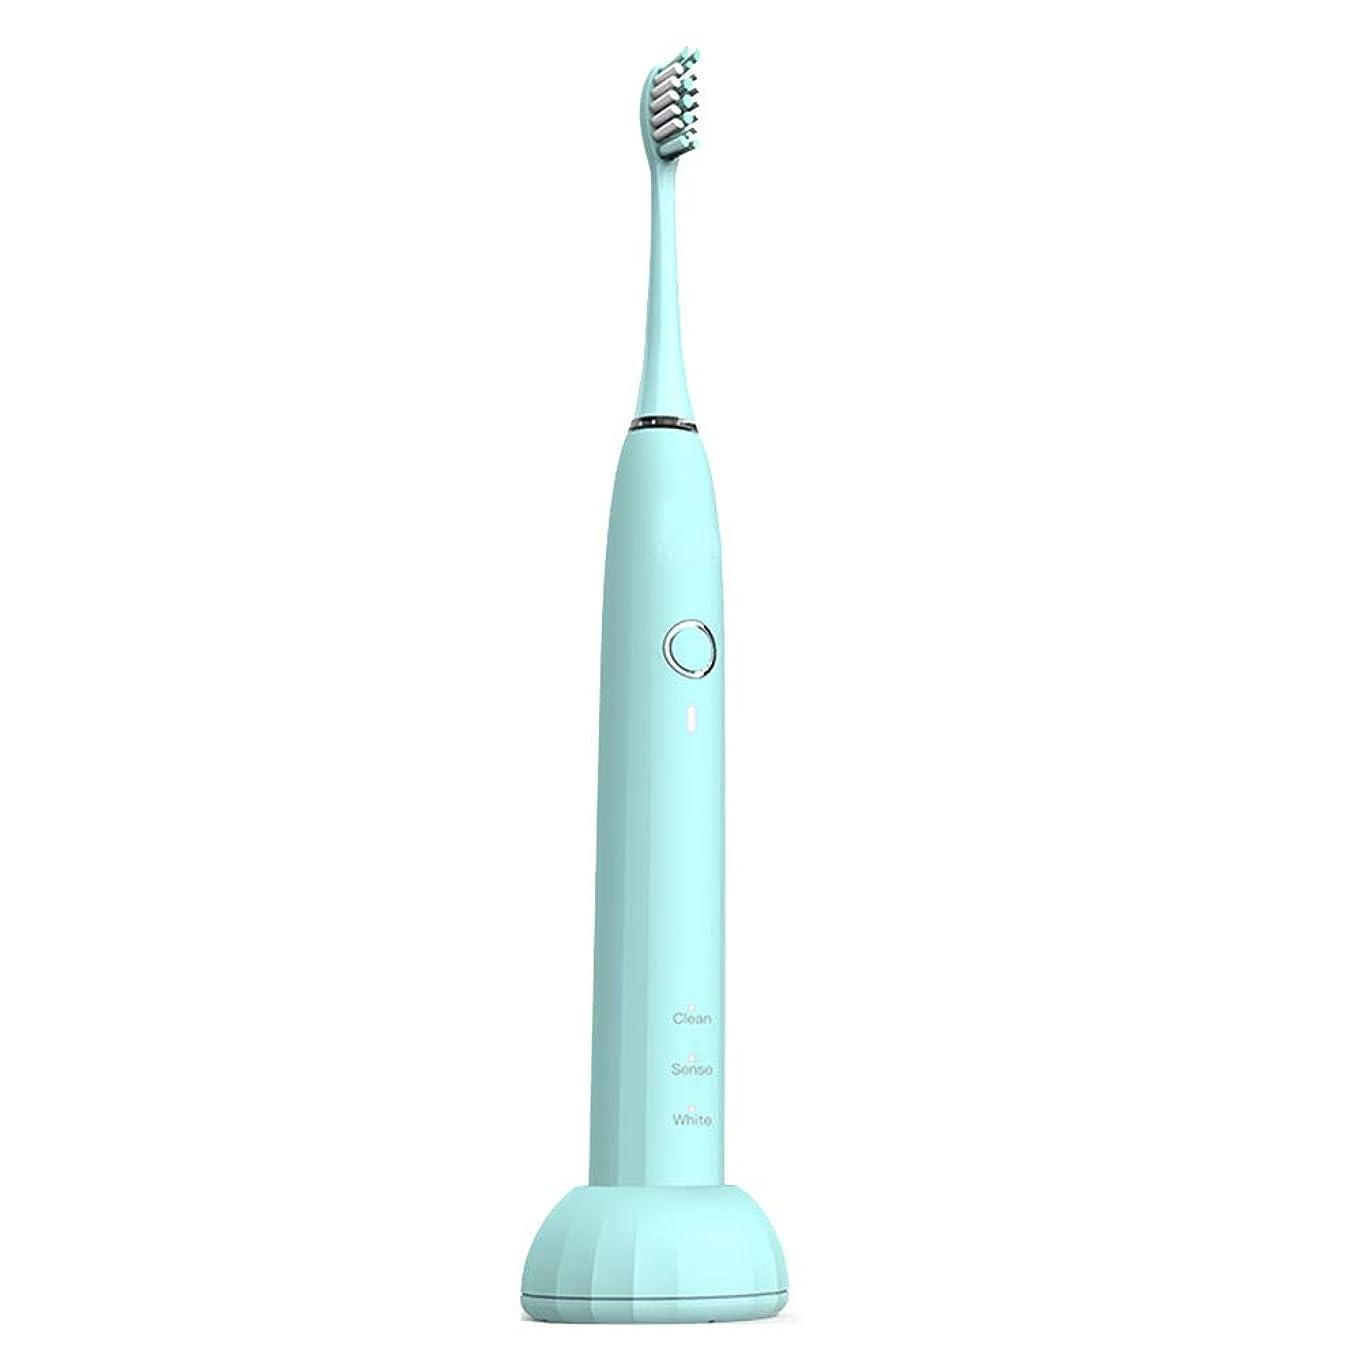 意欲番号減らす自動歯ブラシ 無線誘導充電ホルダーと4つの交換用ヘッド付き成人電動歯ブラシ (色 : ピンク, サイズ : Free size)